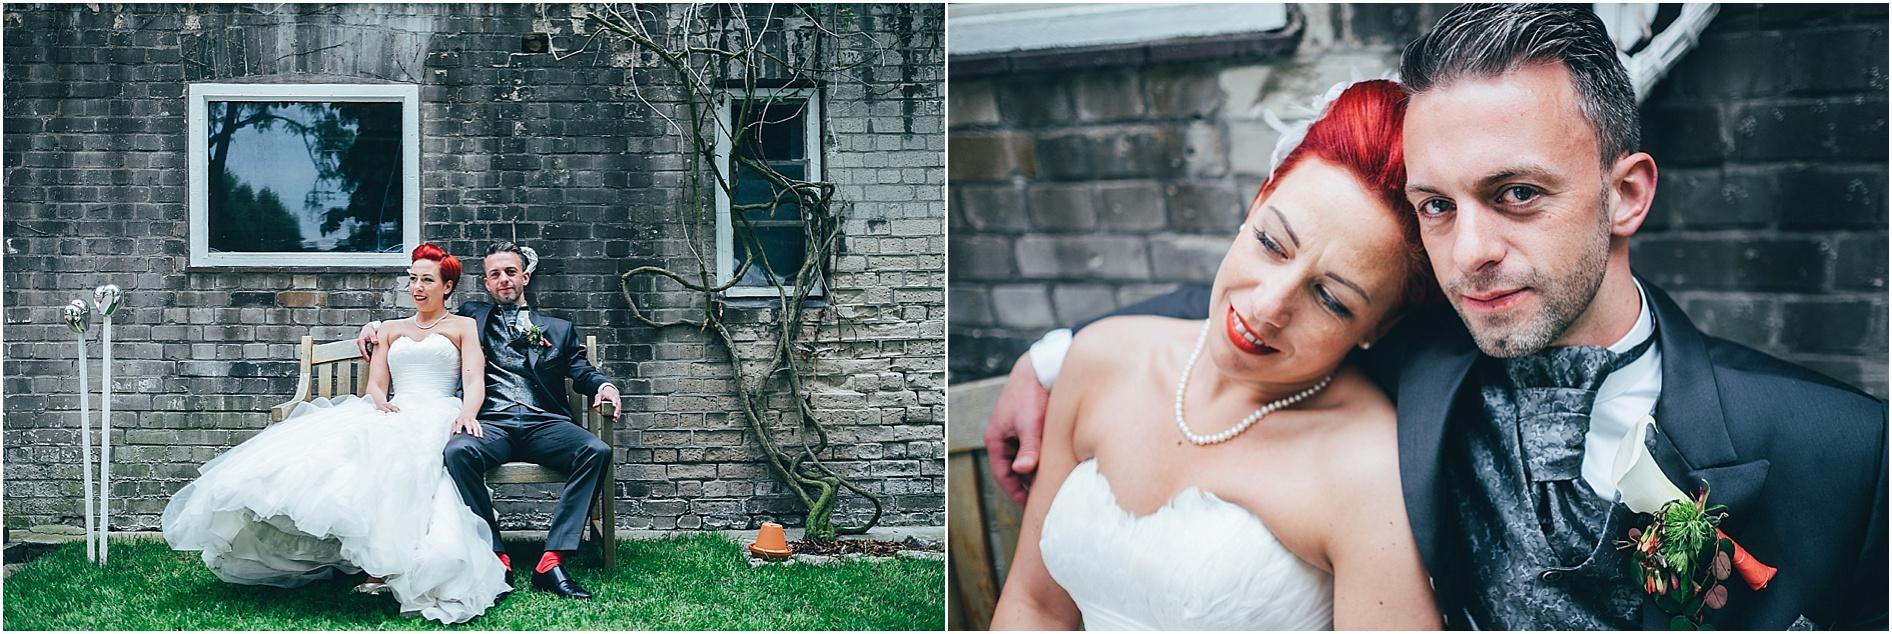 2015-10-27_0081 Tine & Chrischan - Hochzeitsfilm & Fotos in Lüneburg